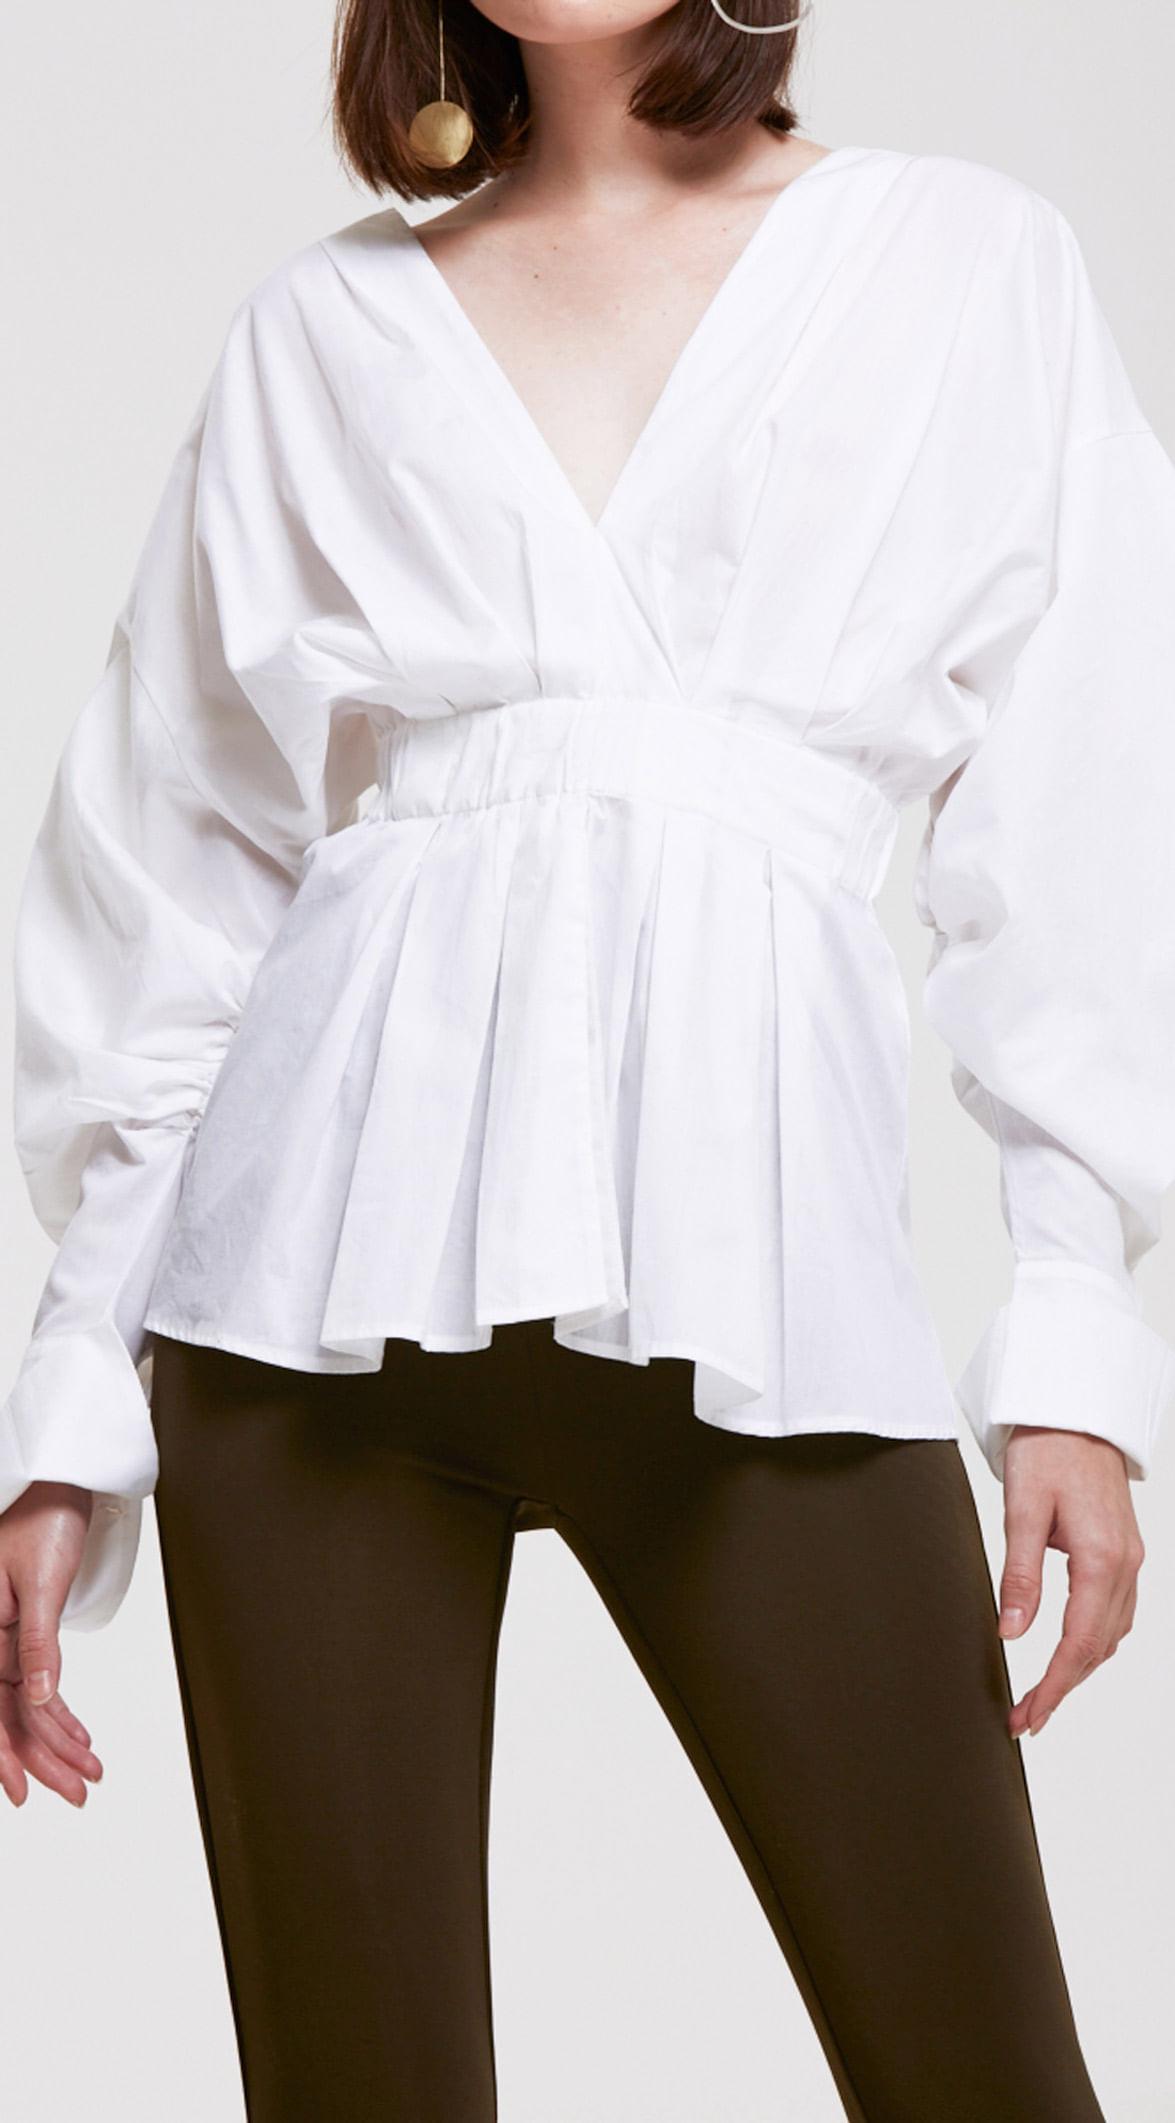 d6911e6be5 Camisa Manga Bufante Detalhe Franzido Off White - leboh